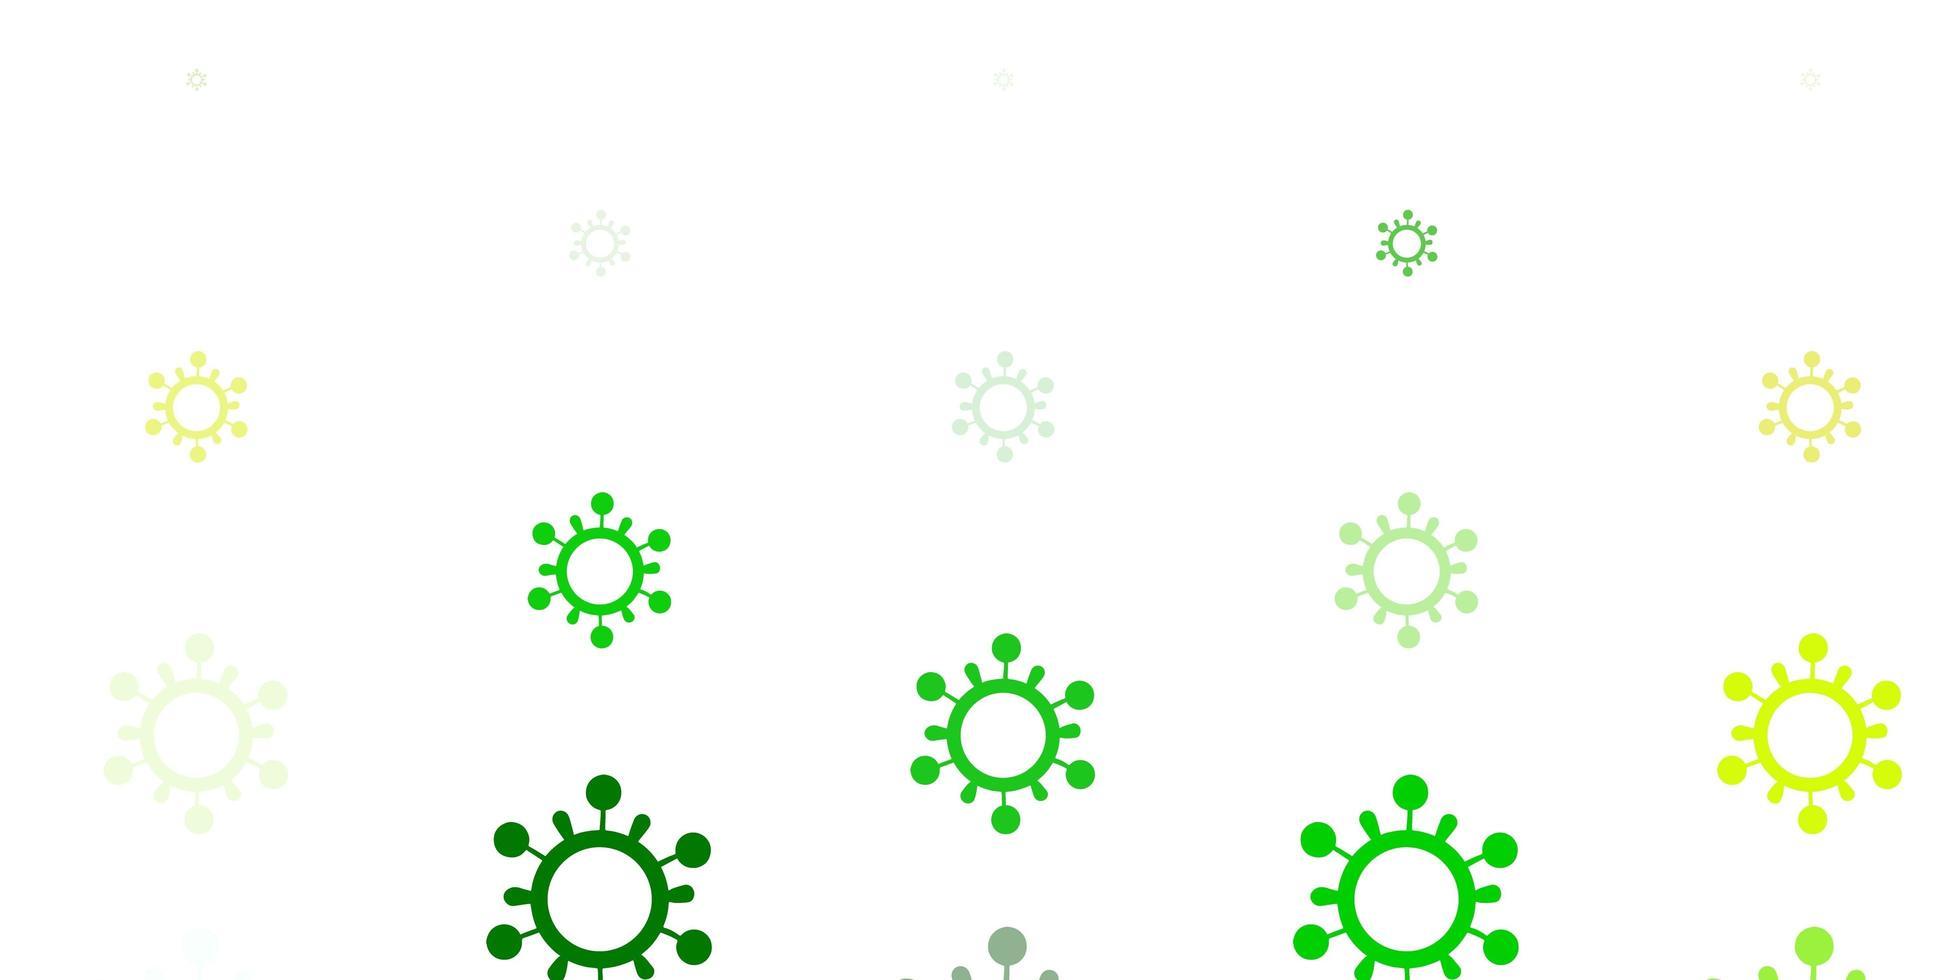 lichtgroene, gele vectorachtergrond met virussymbolen vector